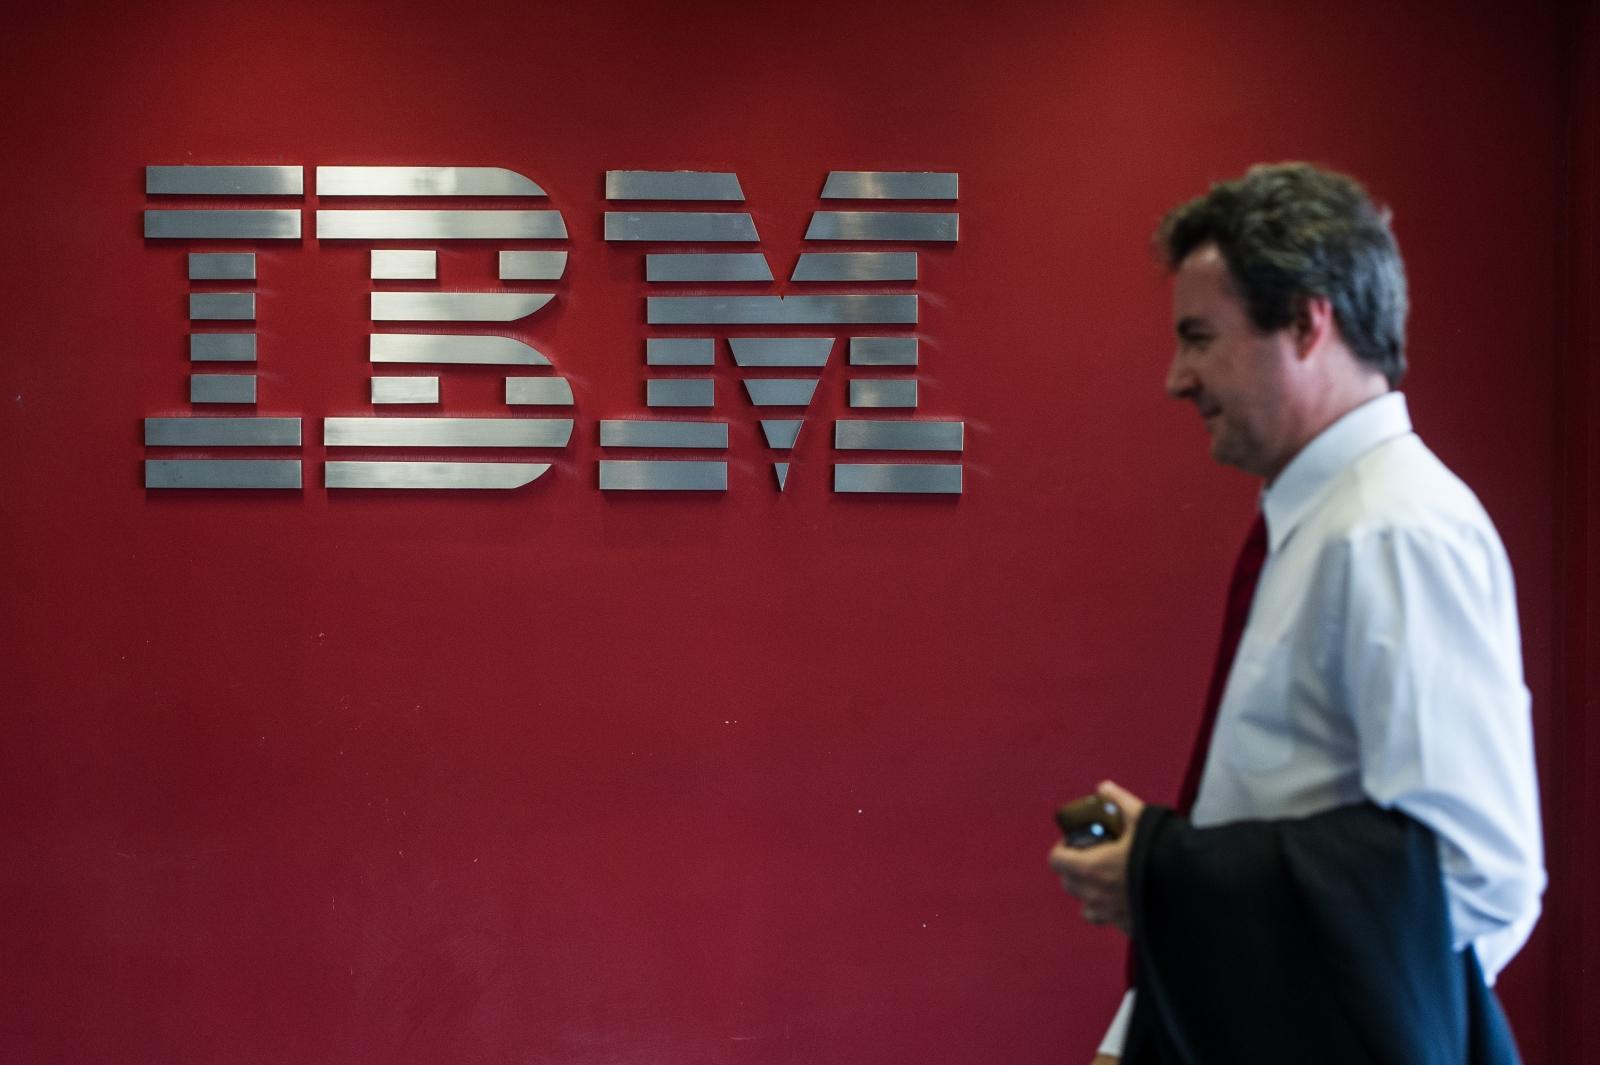 IBM logo and staffer